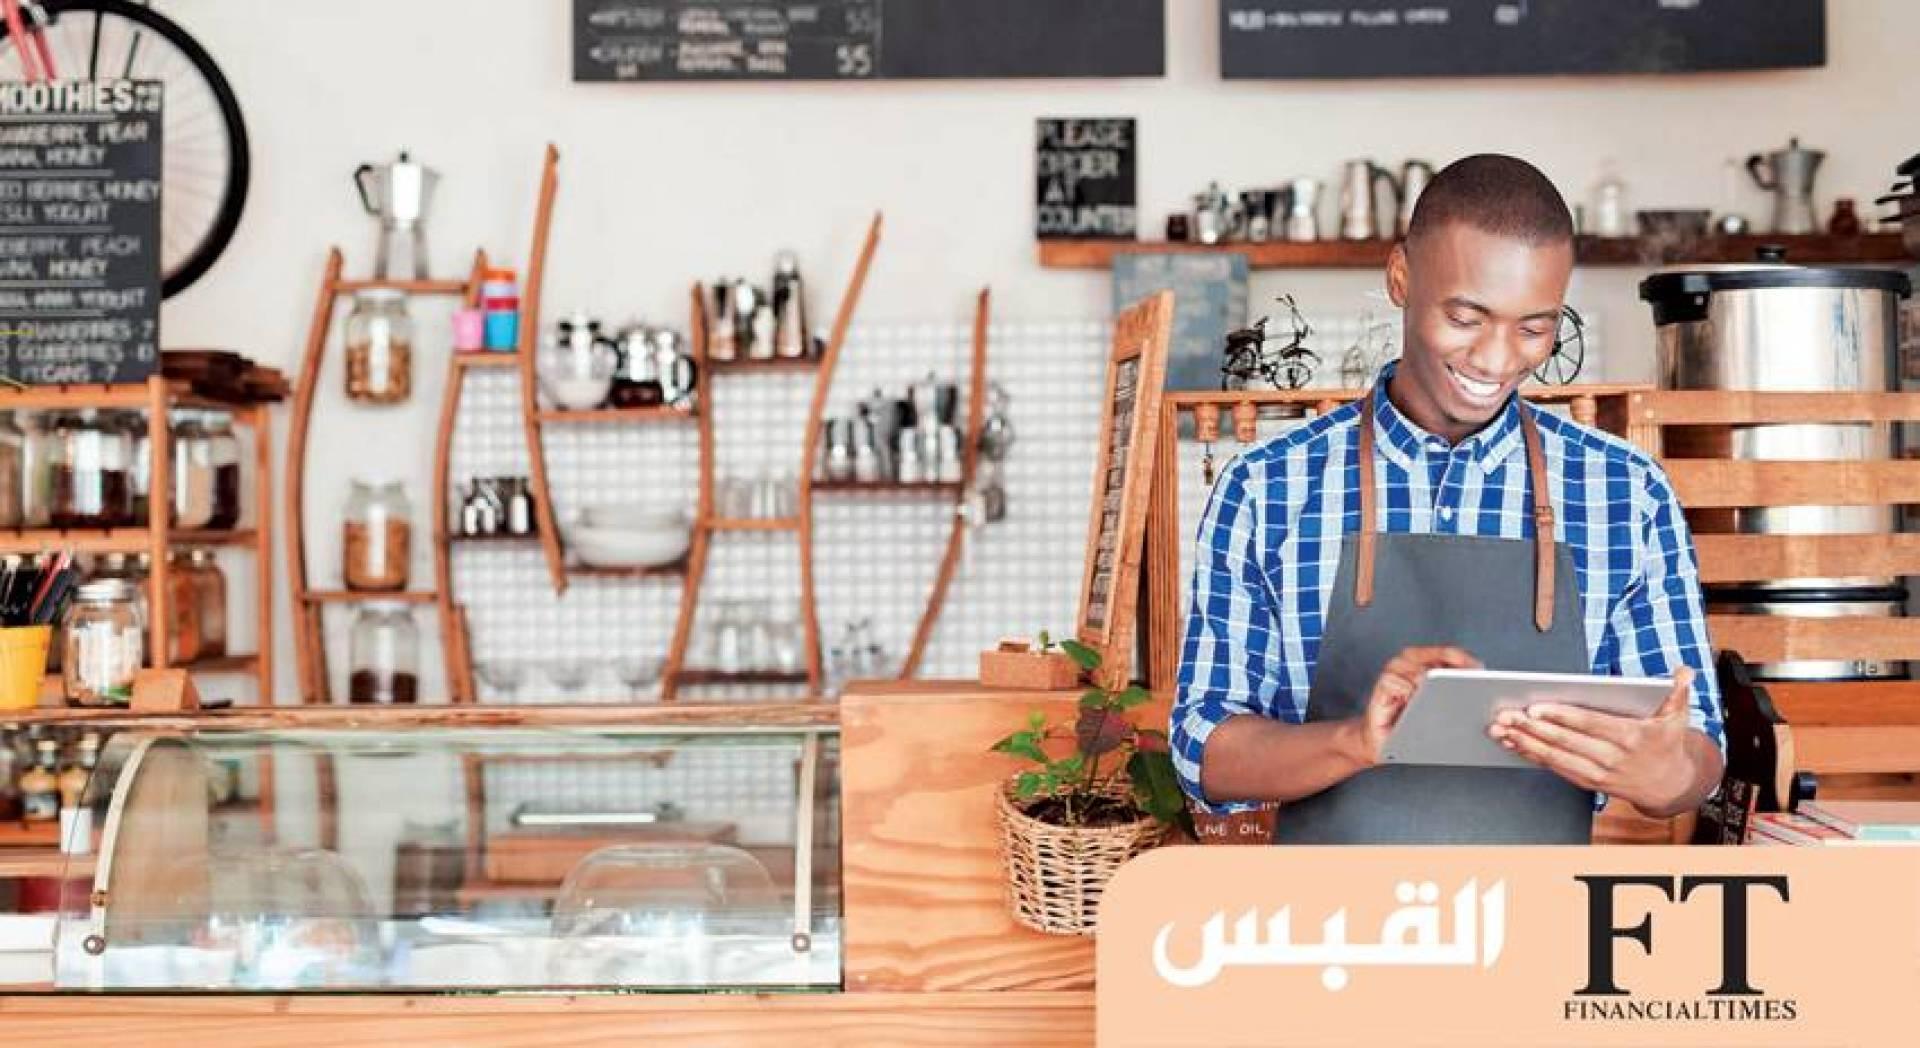 قراءة نبض الاقتصاد الحقيقي لأميركا بيد صاحب المقهى المحلي